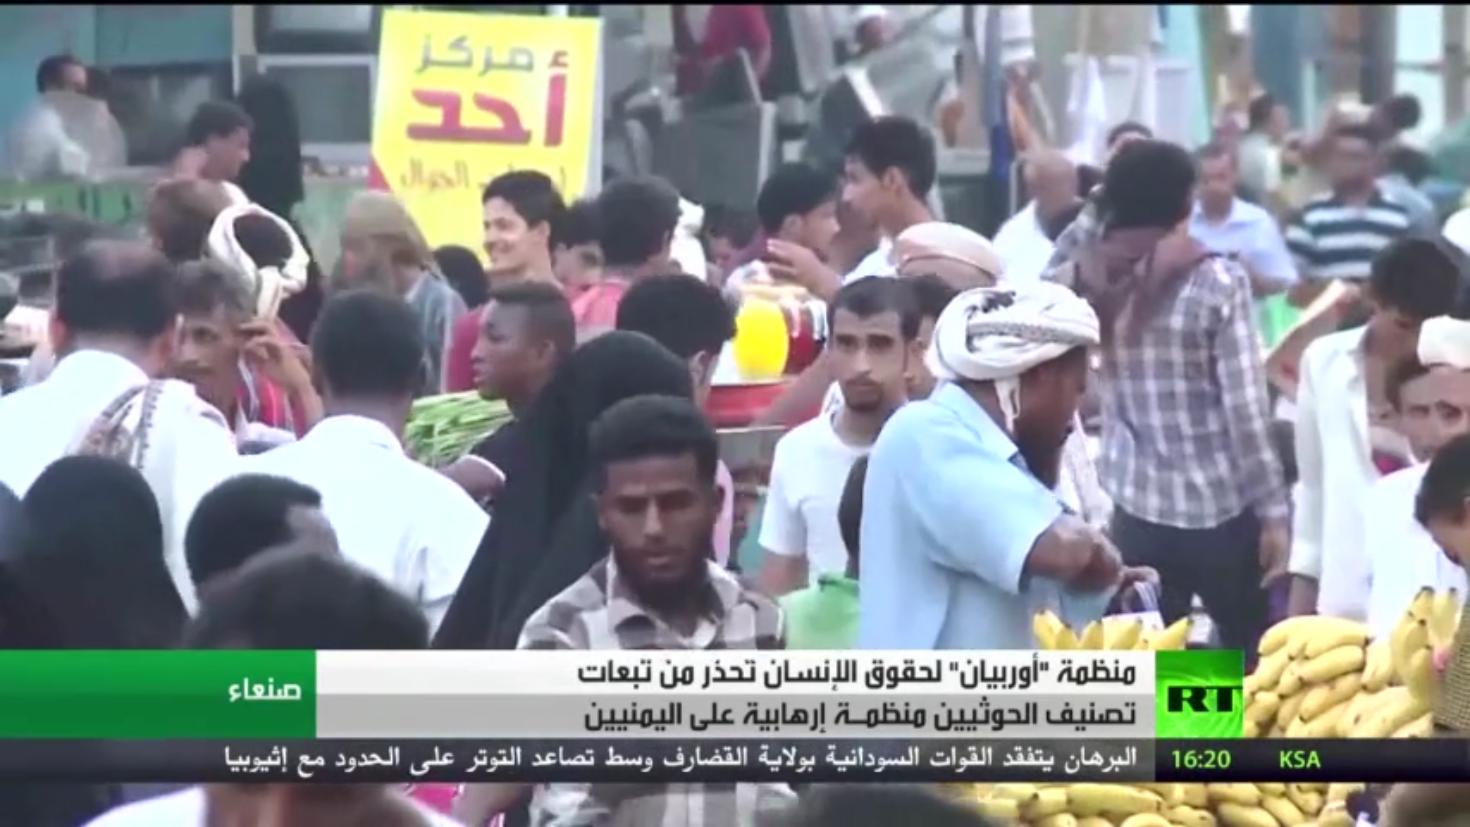 جدل بشأن إدراج الحوثيين على قائمة الإرهاب